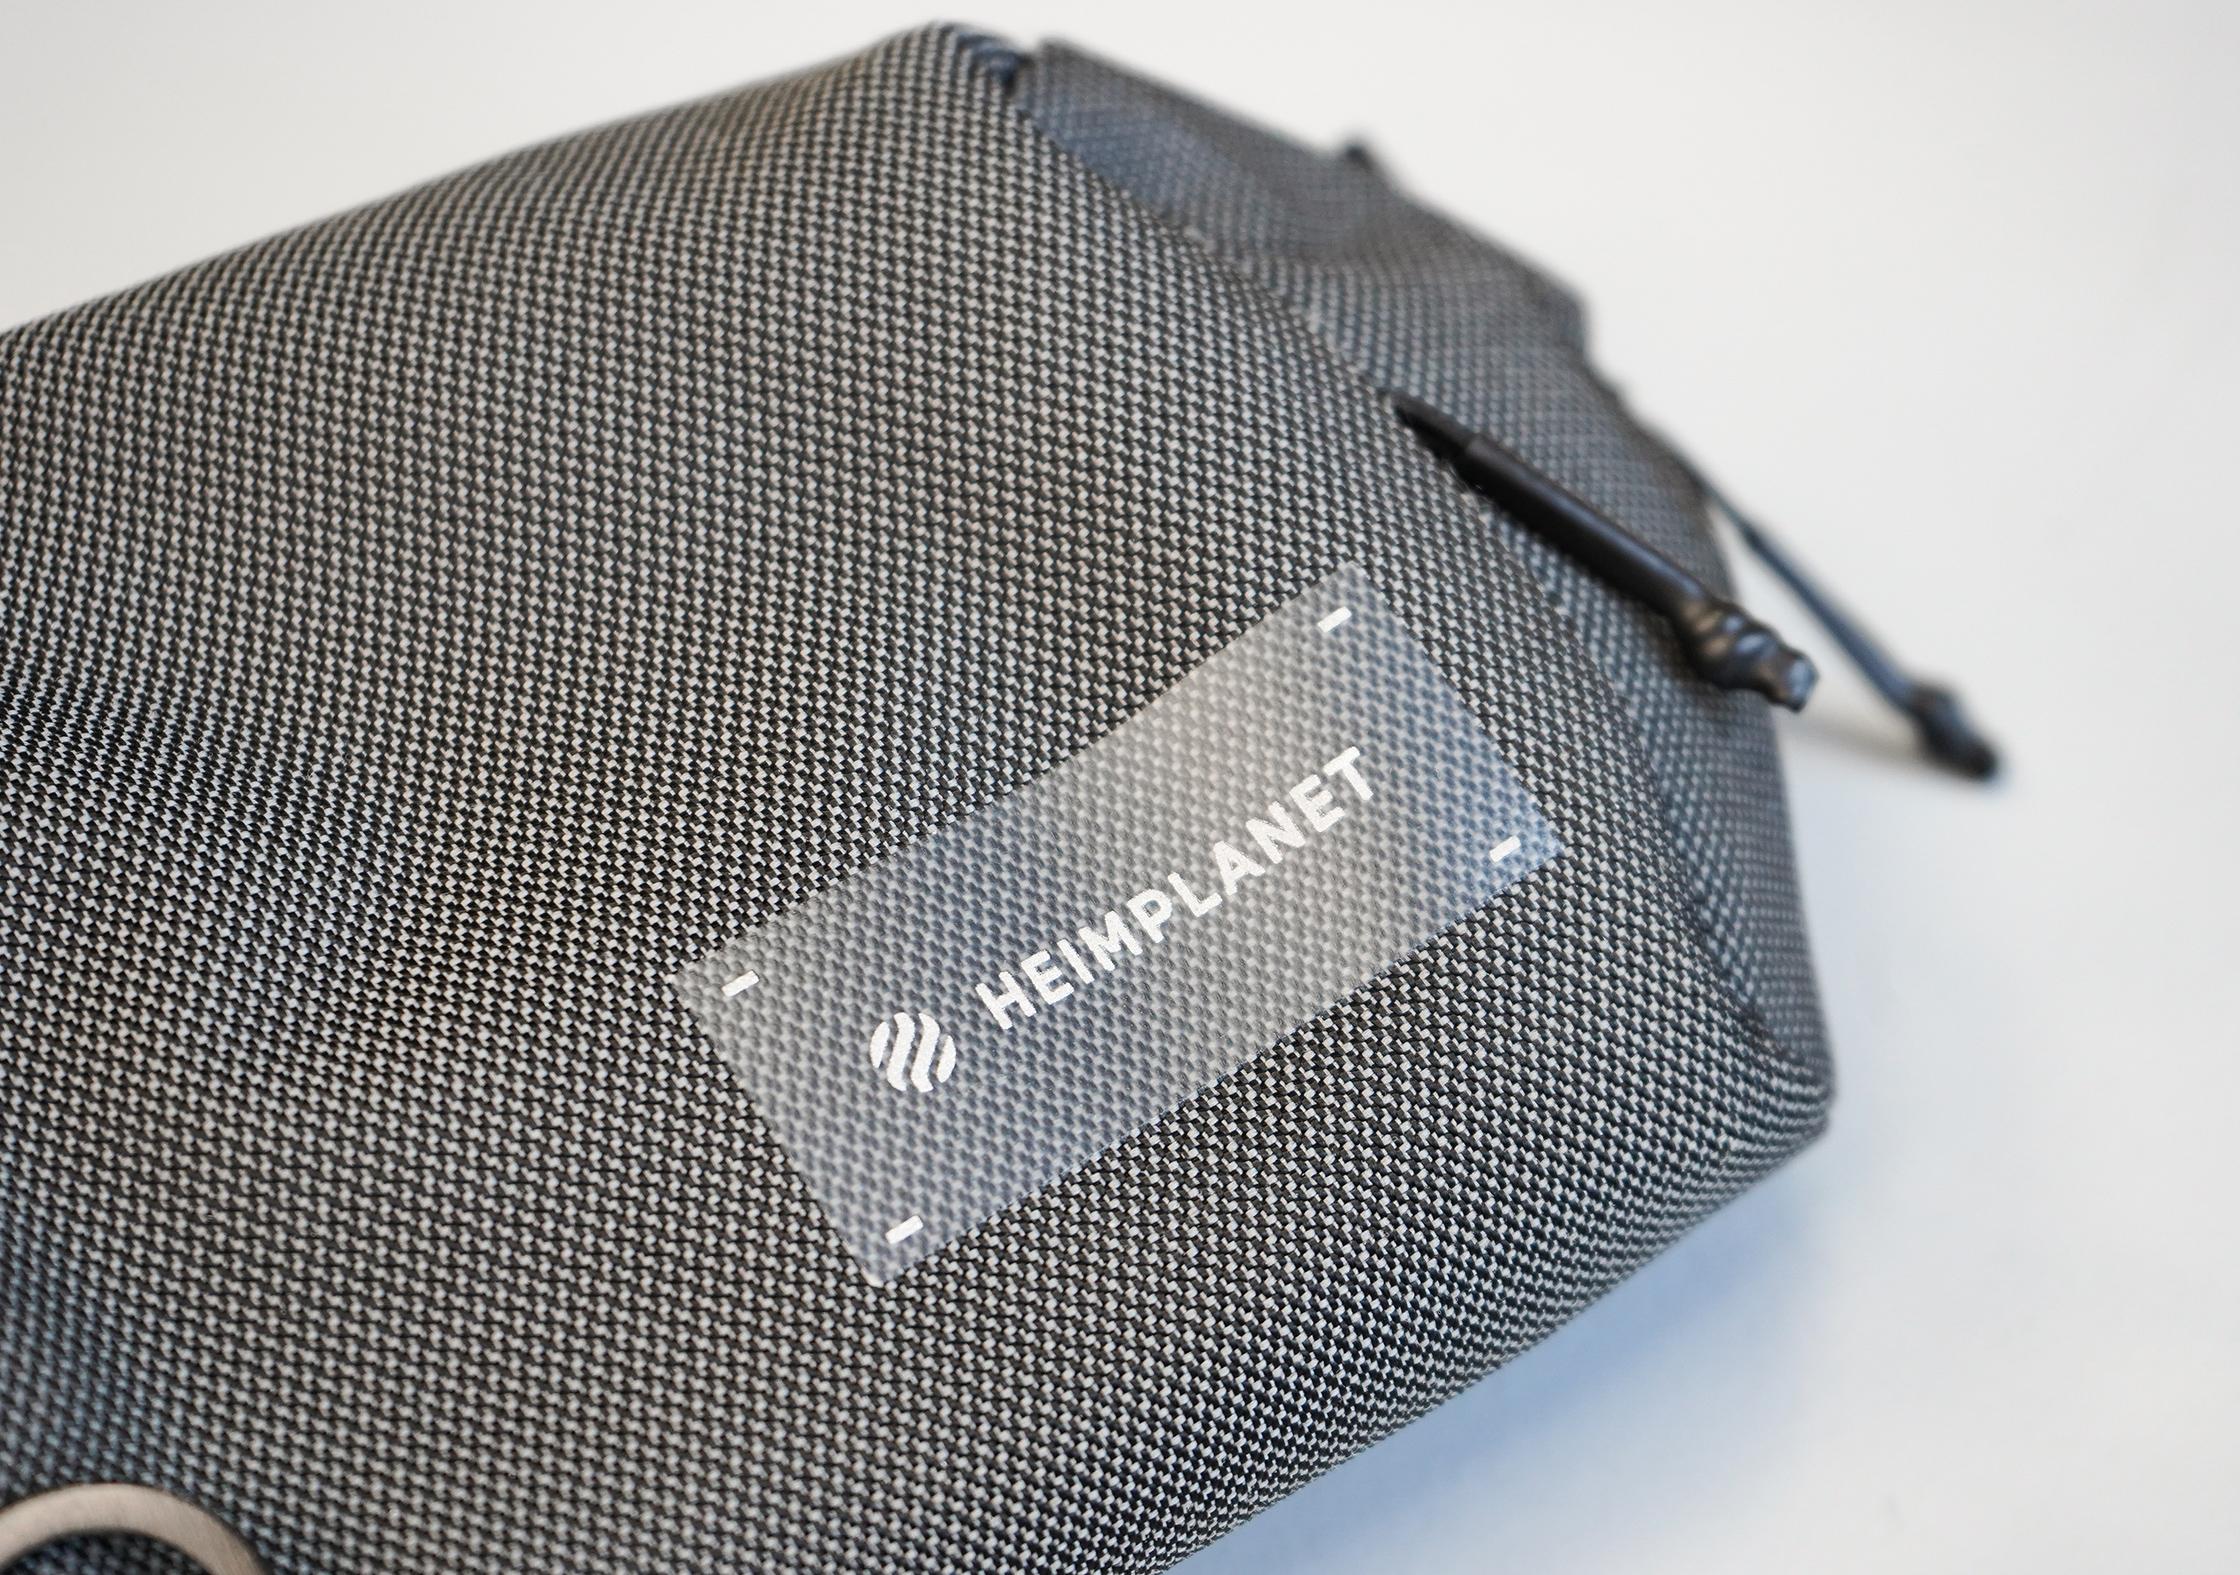 Heimplanet Transit Line Sling Pocket Branding